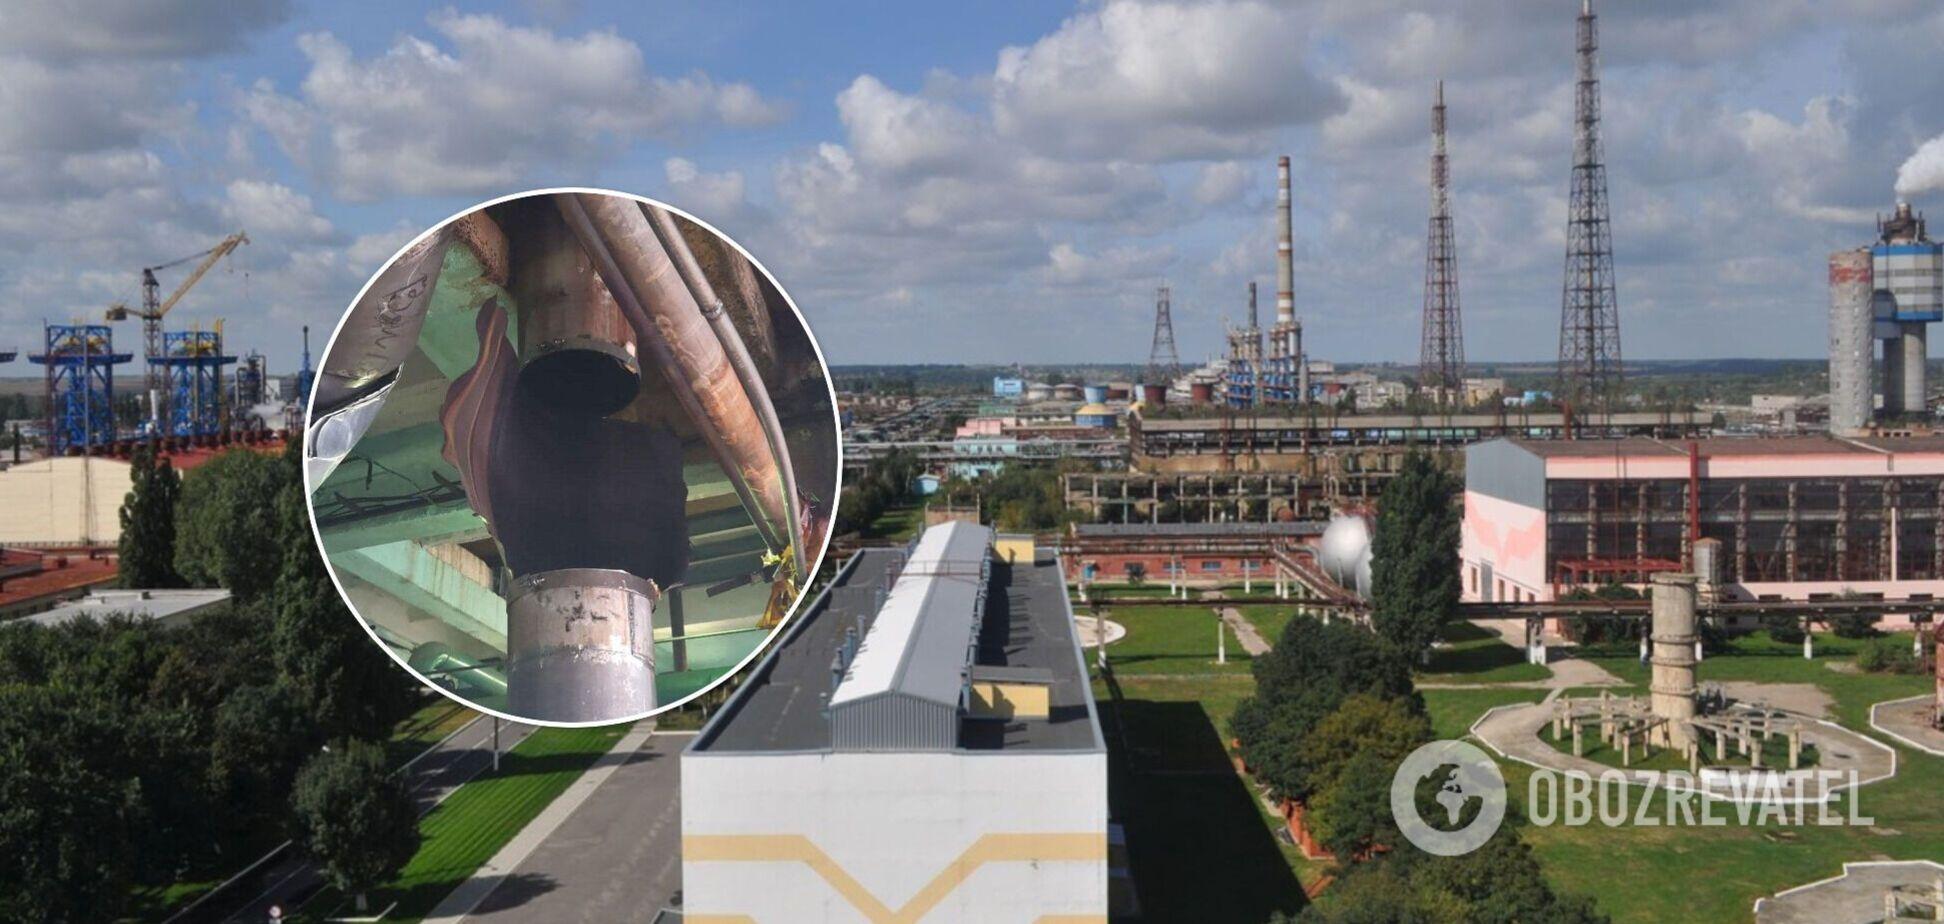 Аварія на заводі 'Рівнеазот': глава МВС показав фото розірваного трубопроводу